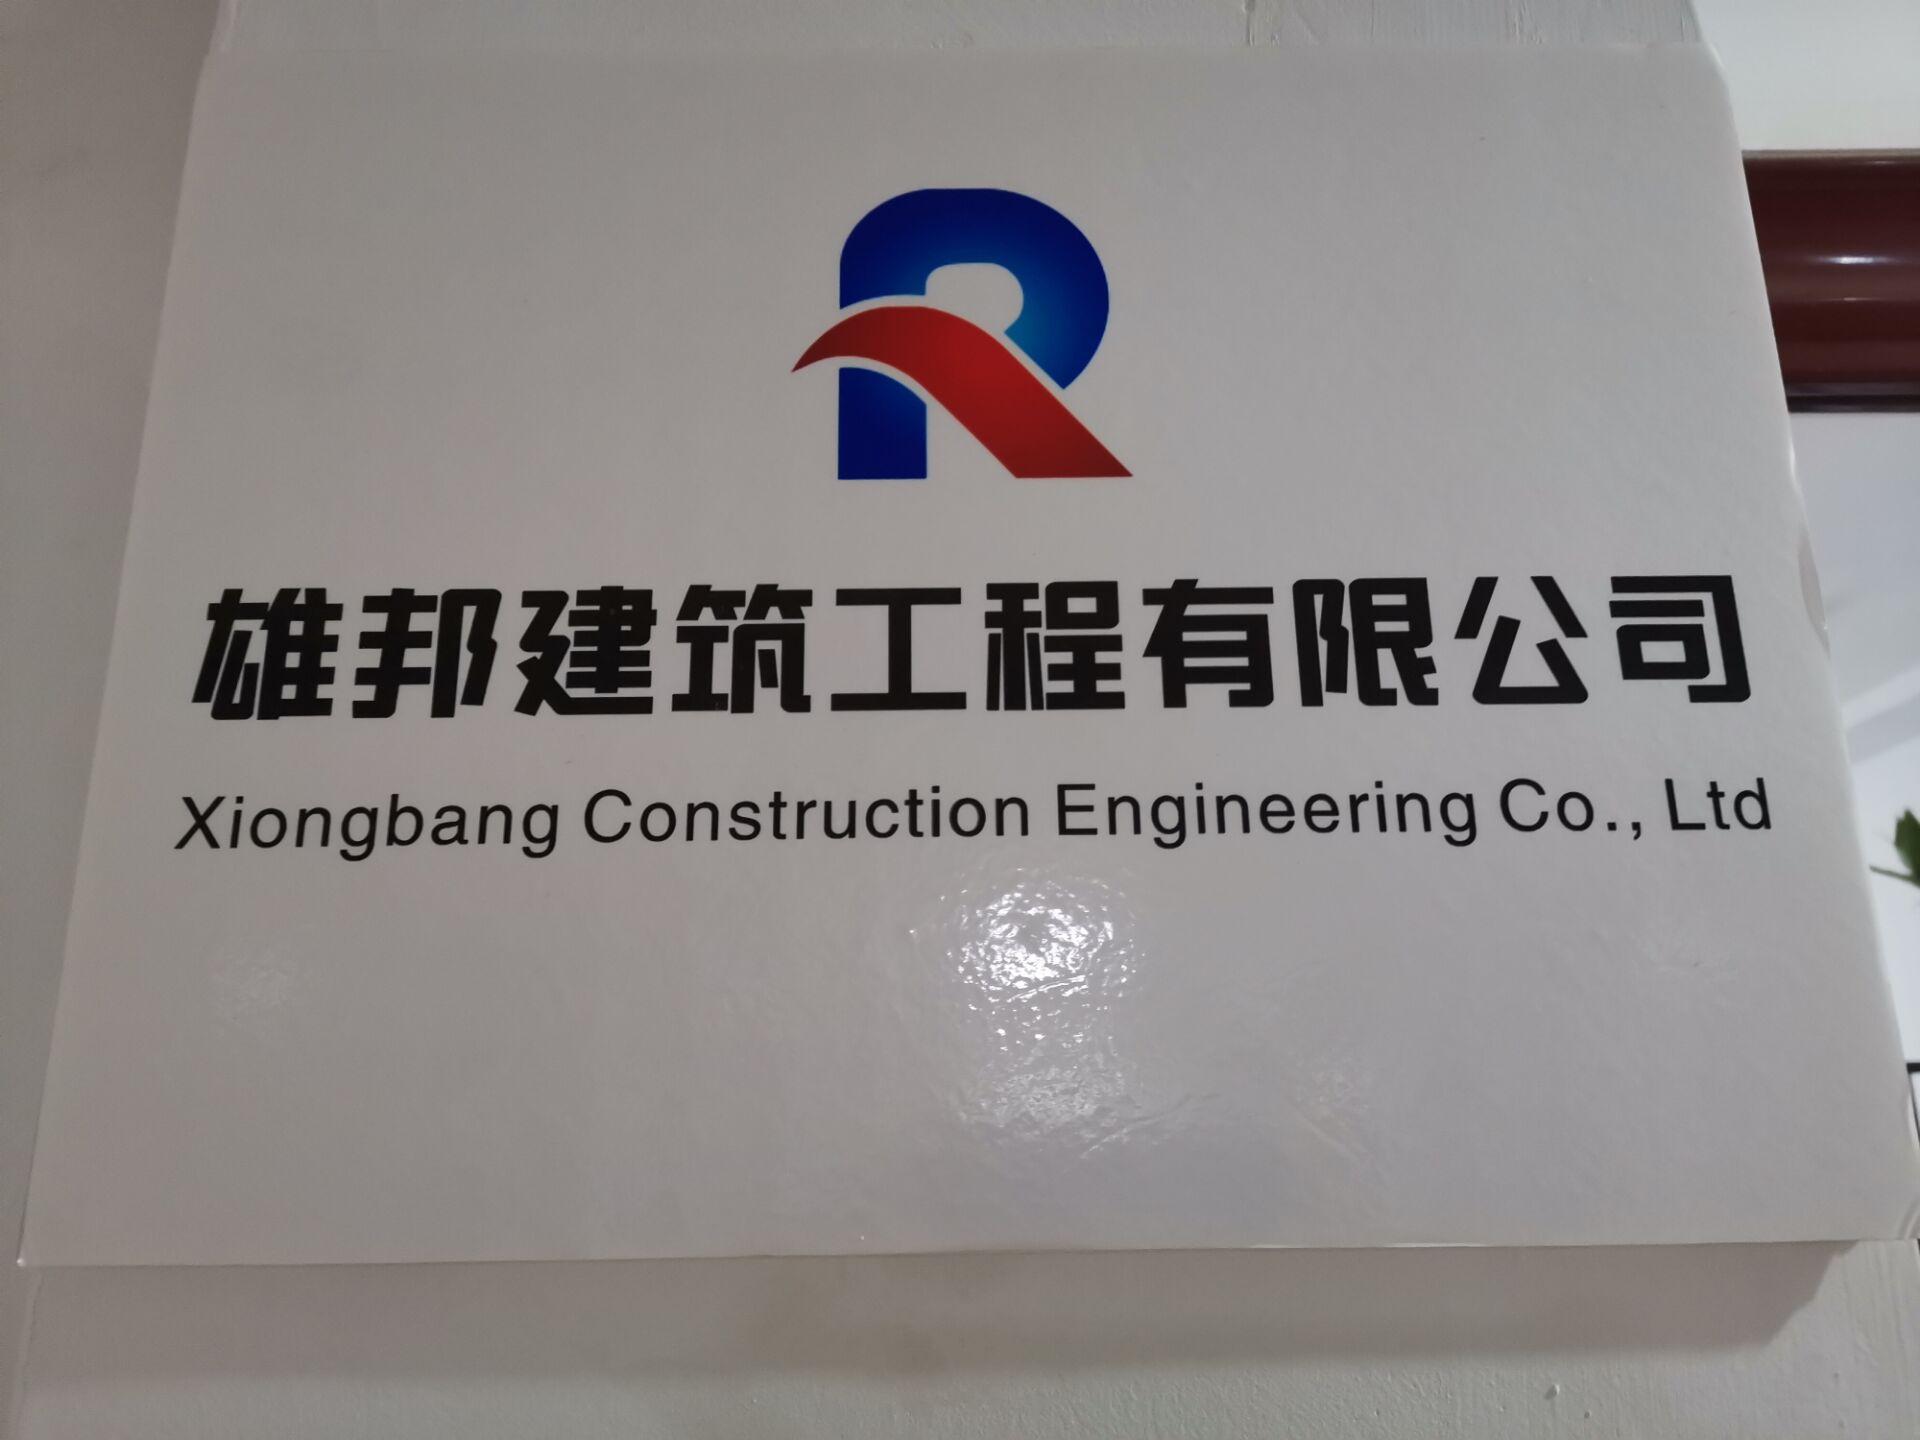 江苏雄邦建筑工程有限公司的企业标志